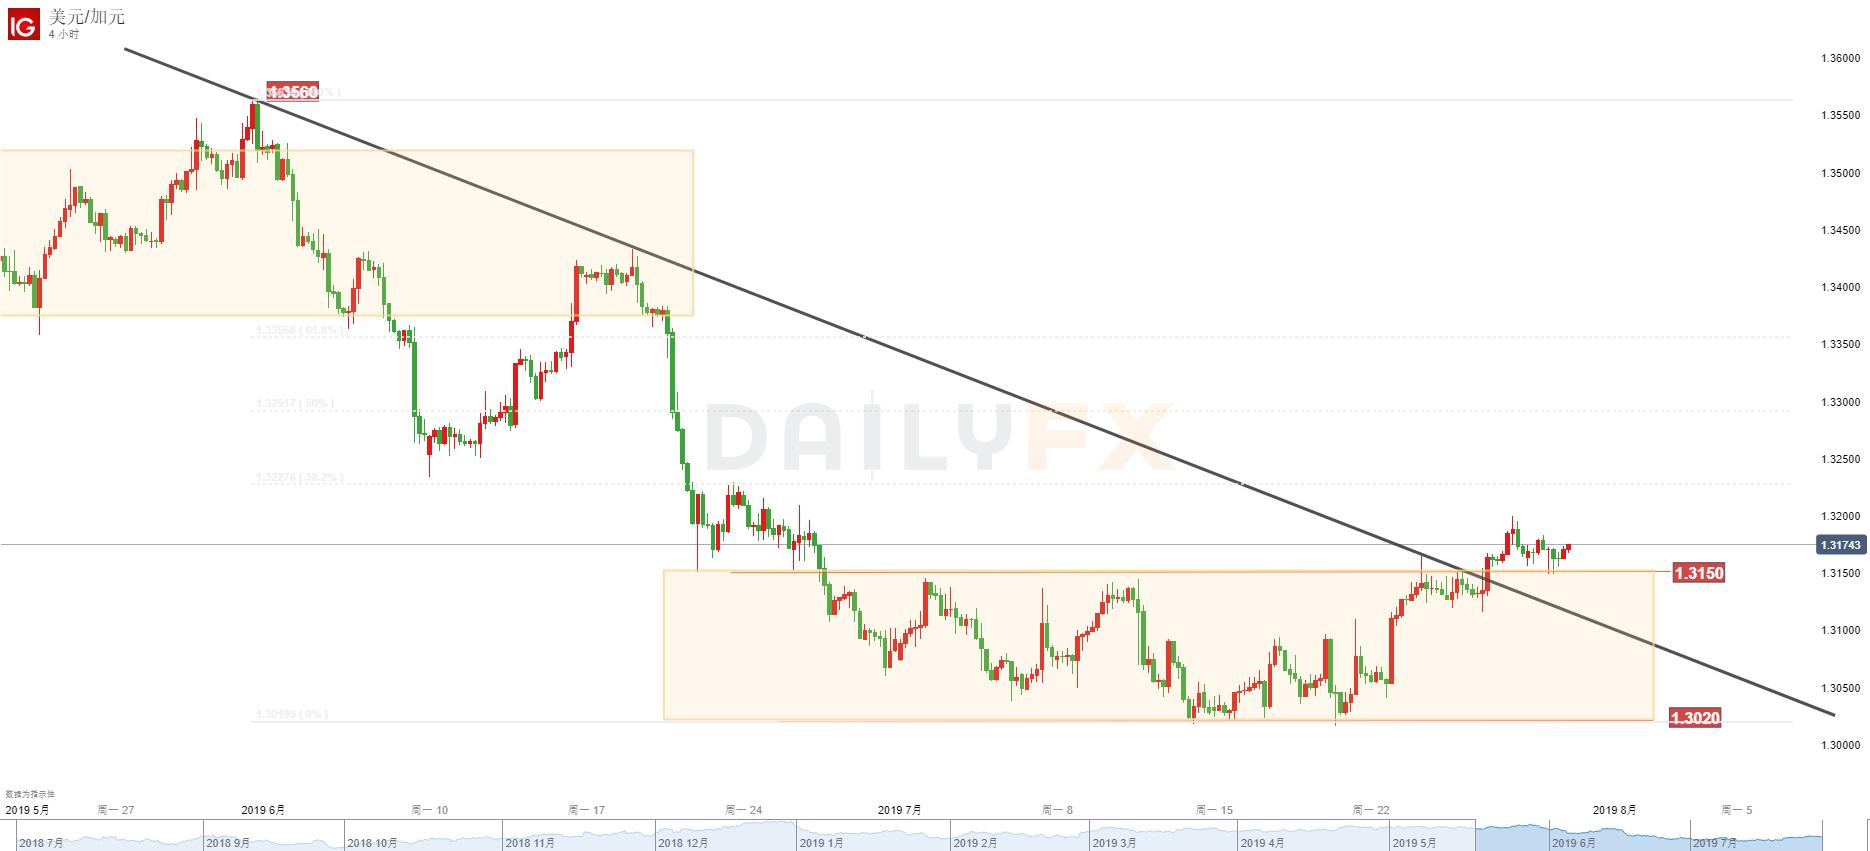 美元/加元技术分析:倾向继续持有多单